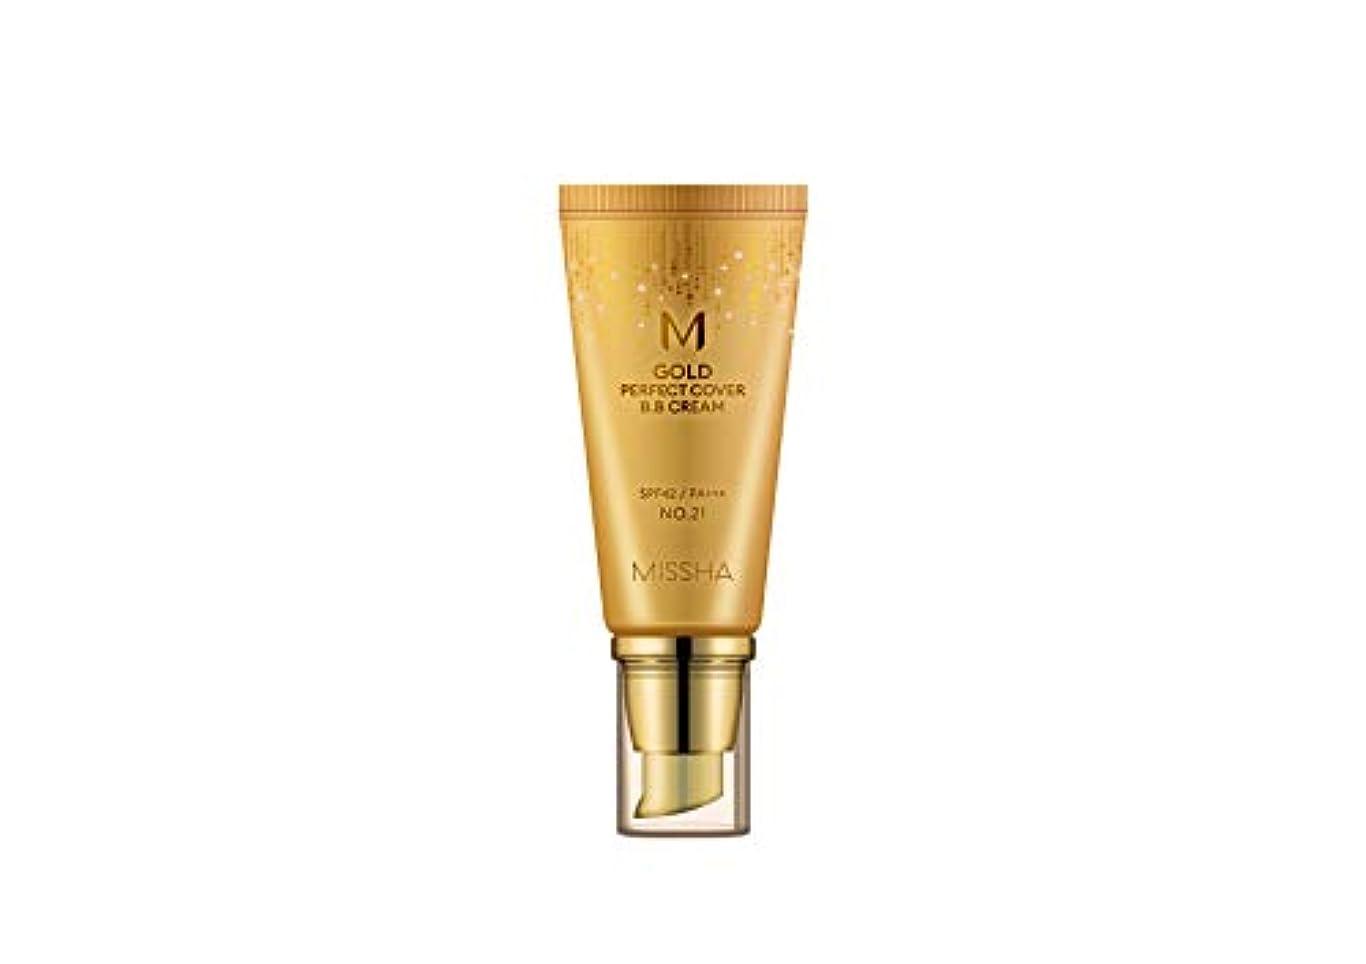 有名以上意義【ミシャ.missha] MゴールドパーフェクトカバーBBクリーム(#21,50ML)ナチュラルベージュ)SPF42/ PA+++/ M GOLD PERFECT COVER BB CREAM